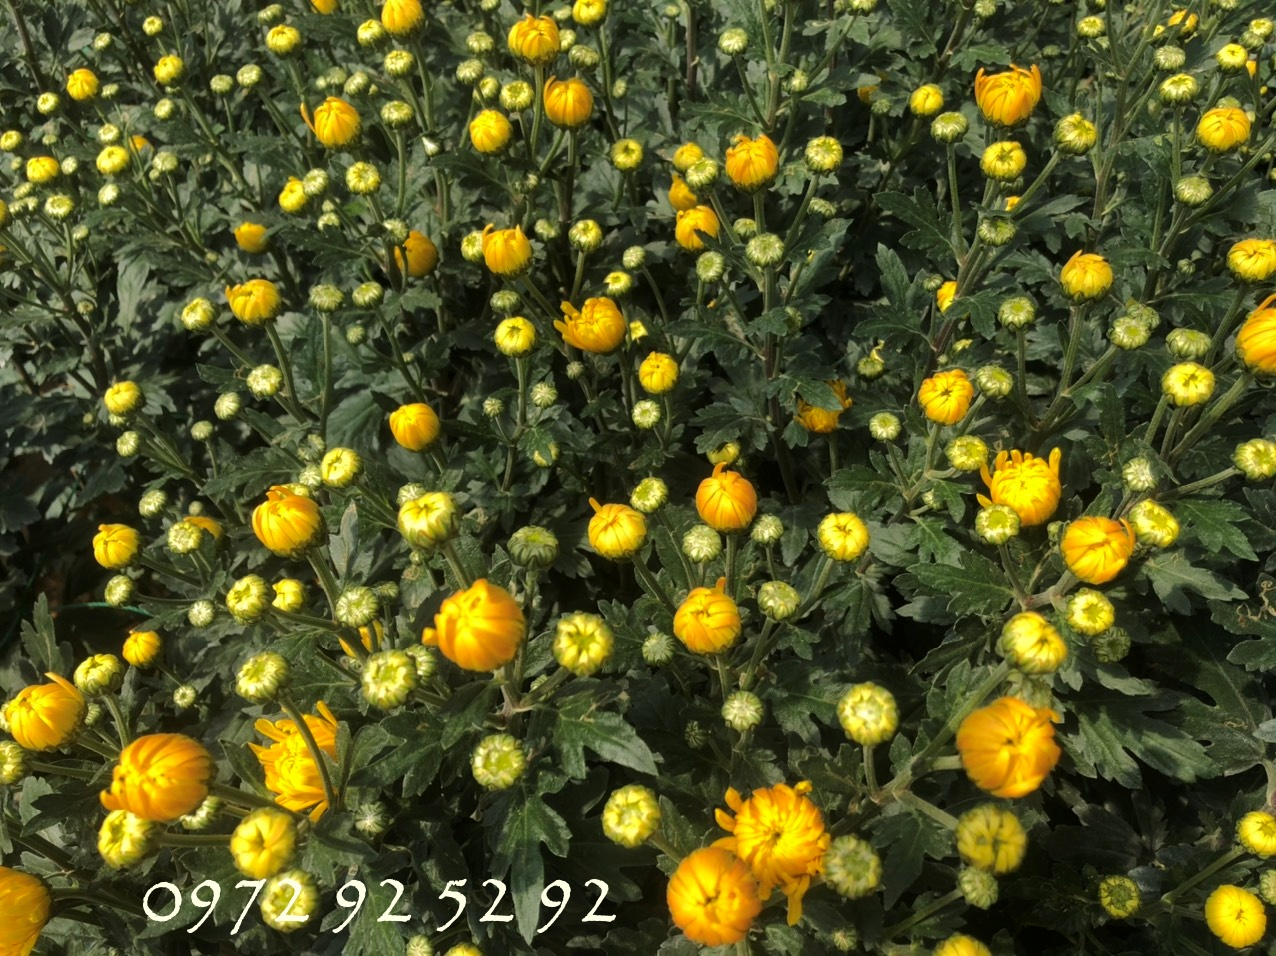 Giá hoa đà lạt tết 2020 sỉ tại vườn